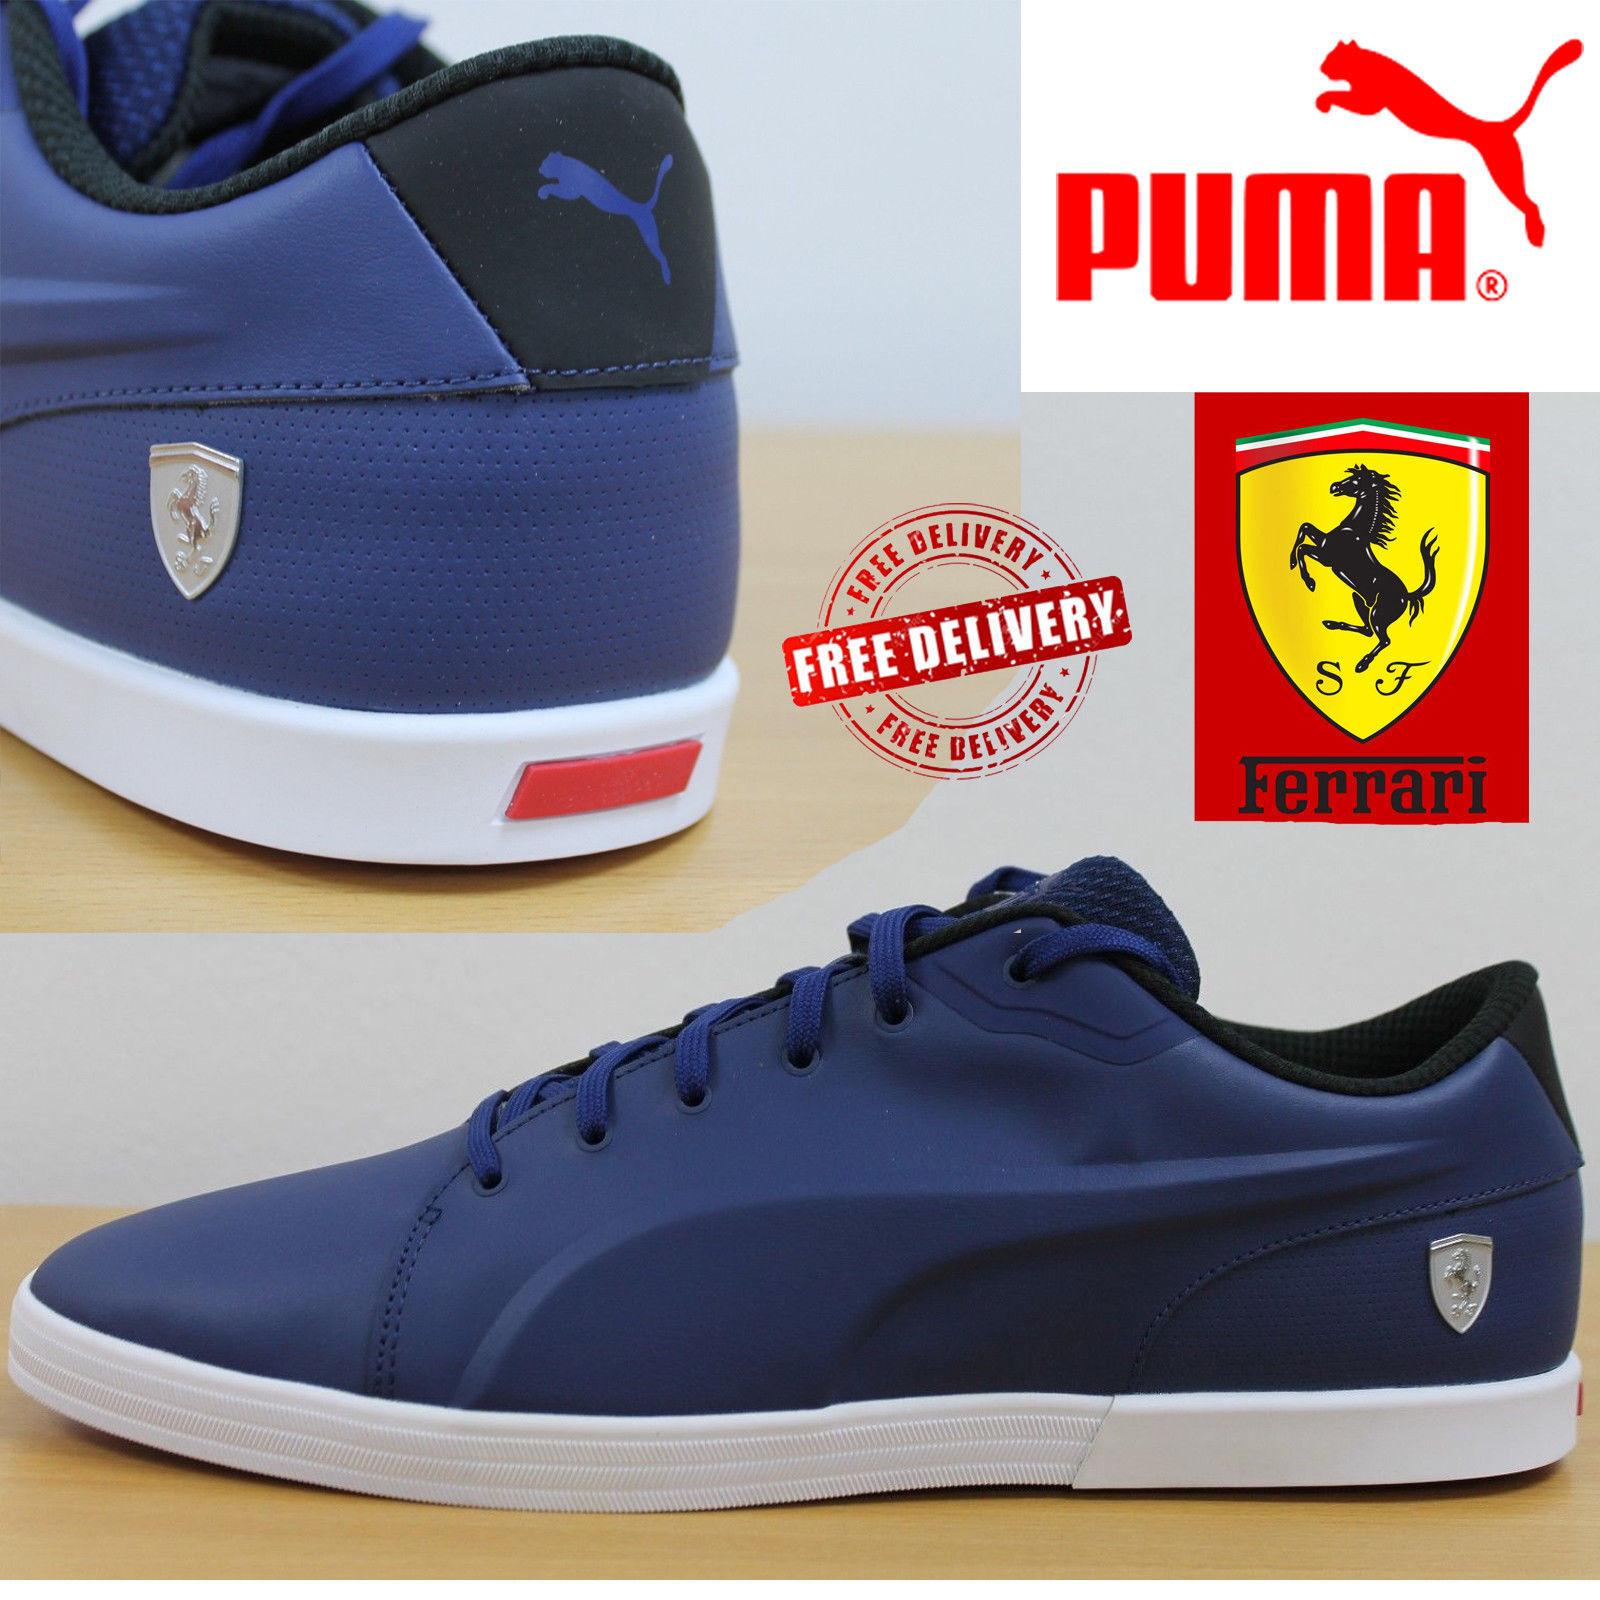 24Hr DELIVERYPuma Ferrari Speziale  Motorsport Casual Trainer shoes rrp